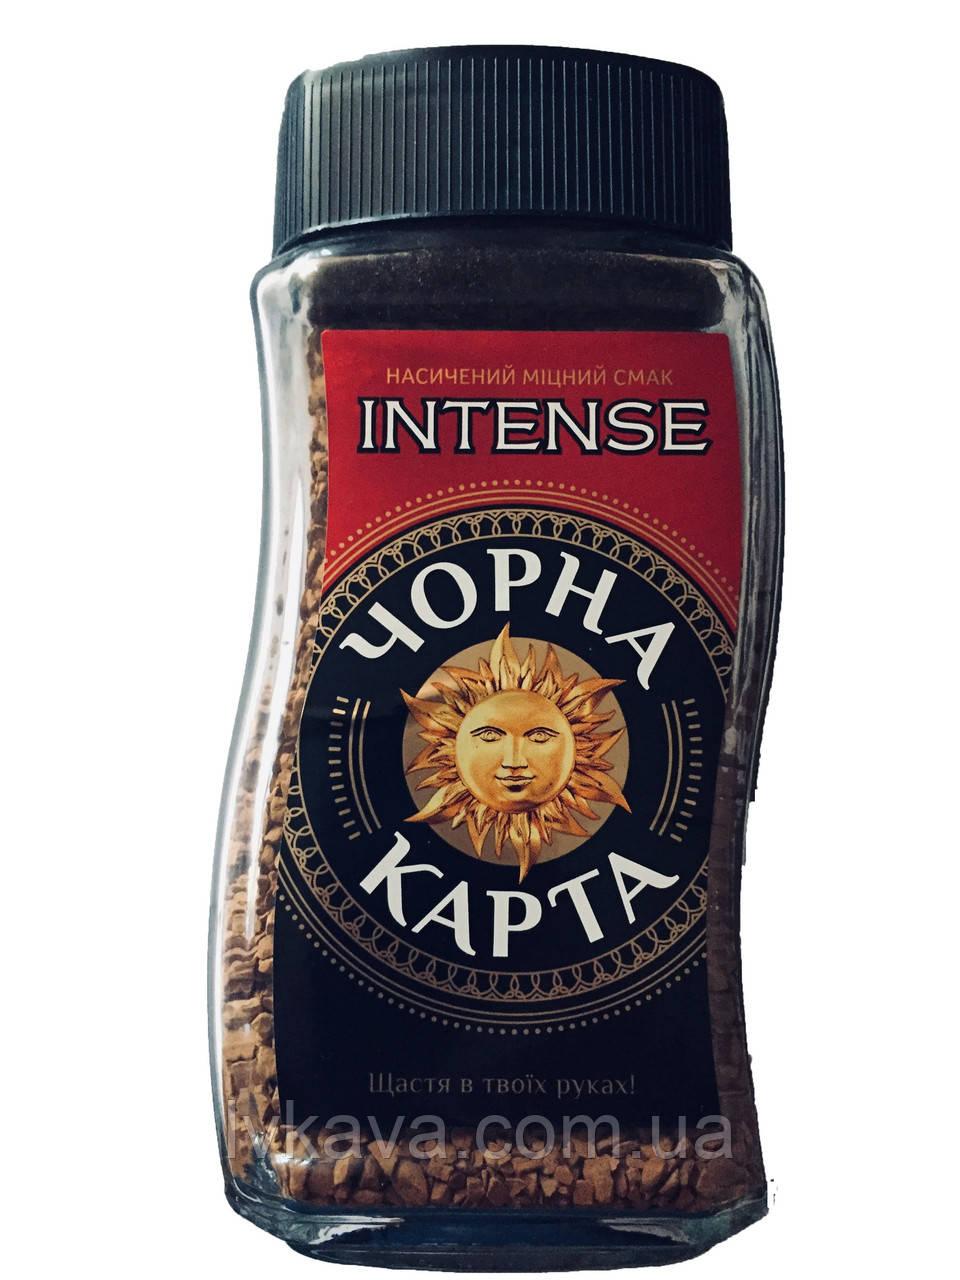 Кофе растворимый Чорна карта Intense,   190 гр